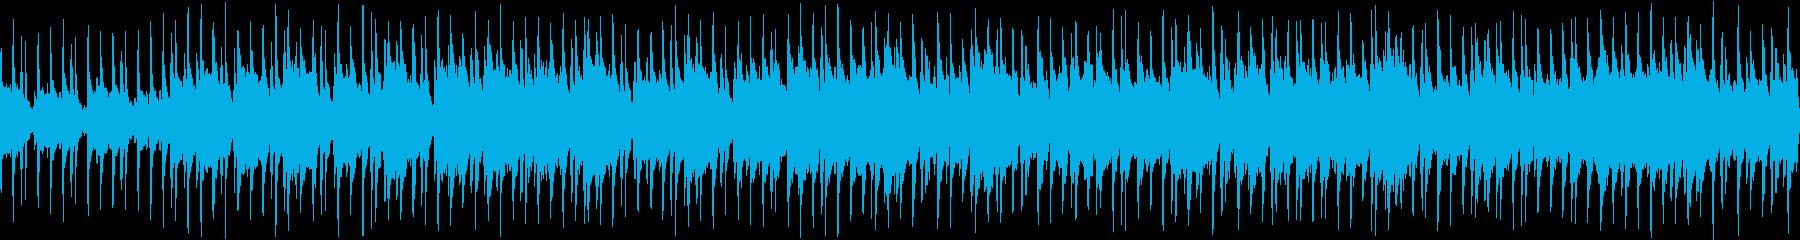 ポジティブで明るい民俗音楽の再生済みの波形